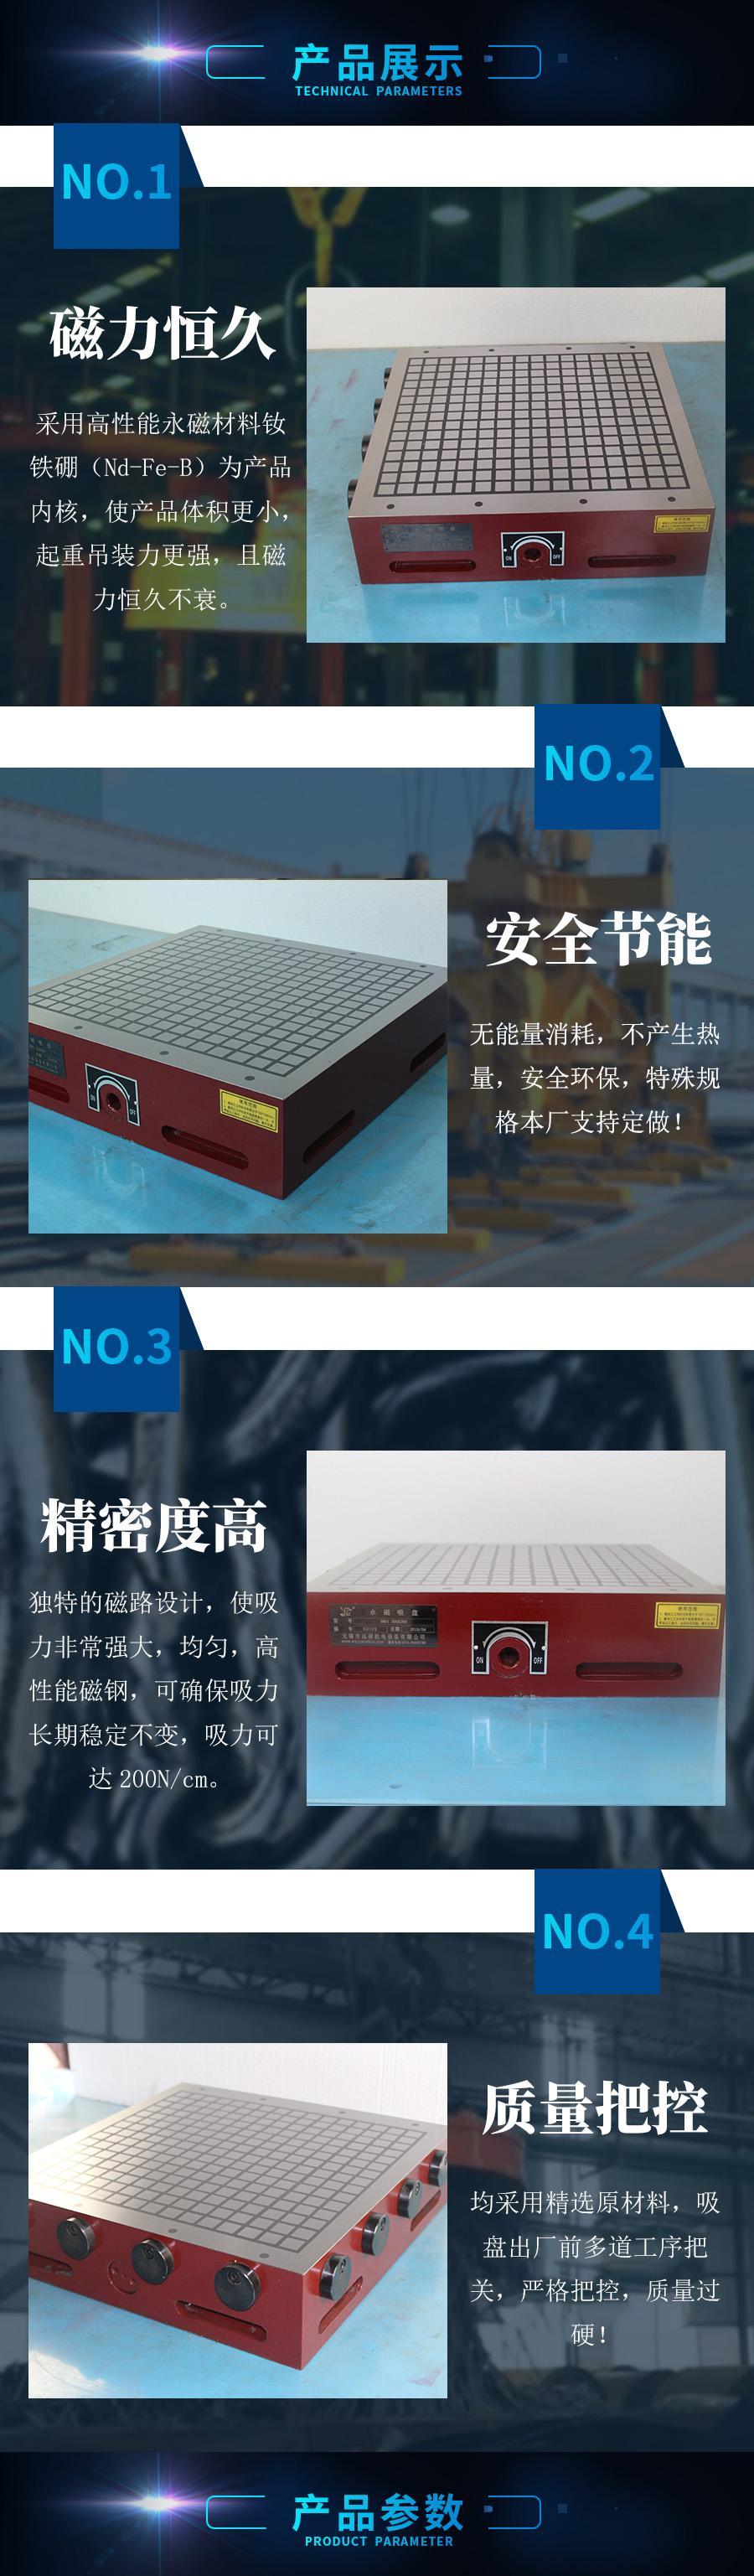 方格型超强力永磁吸盘 XM91系列.jpg